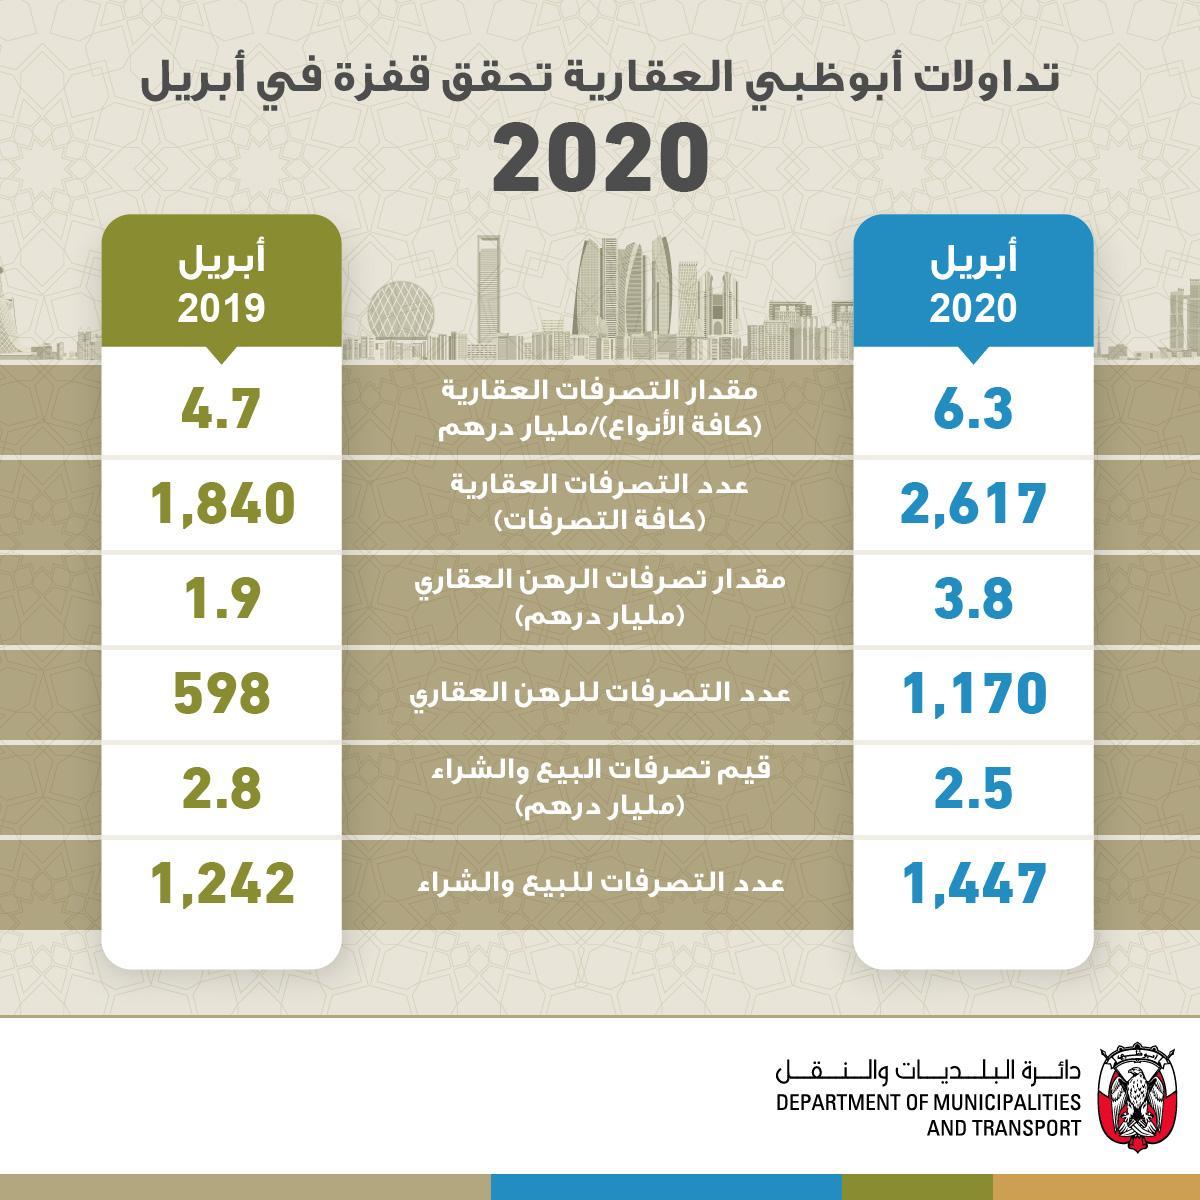 تداولات أبوظبي العقارية ترتفع في شهر إبريل الماضي بنسبة 34%